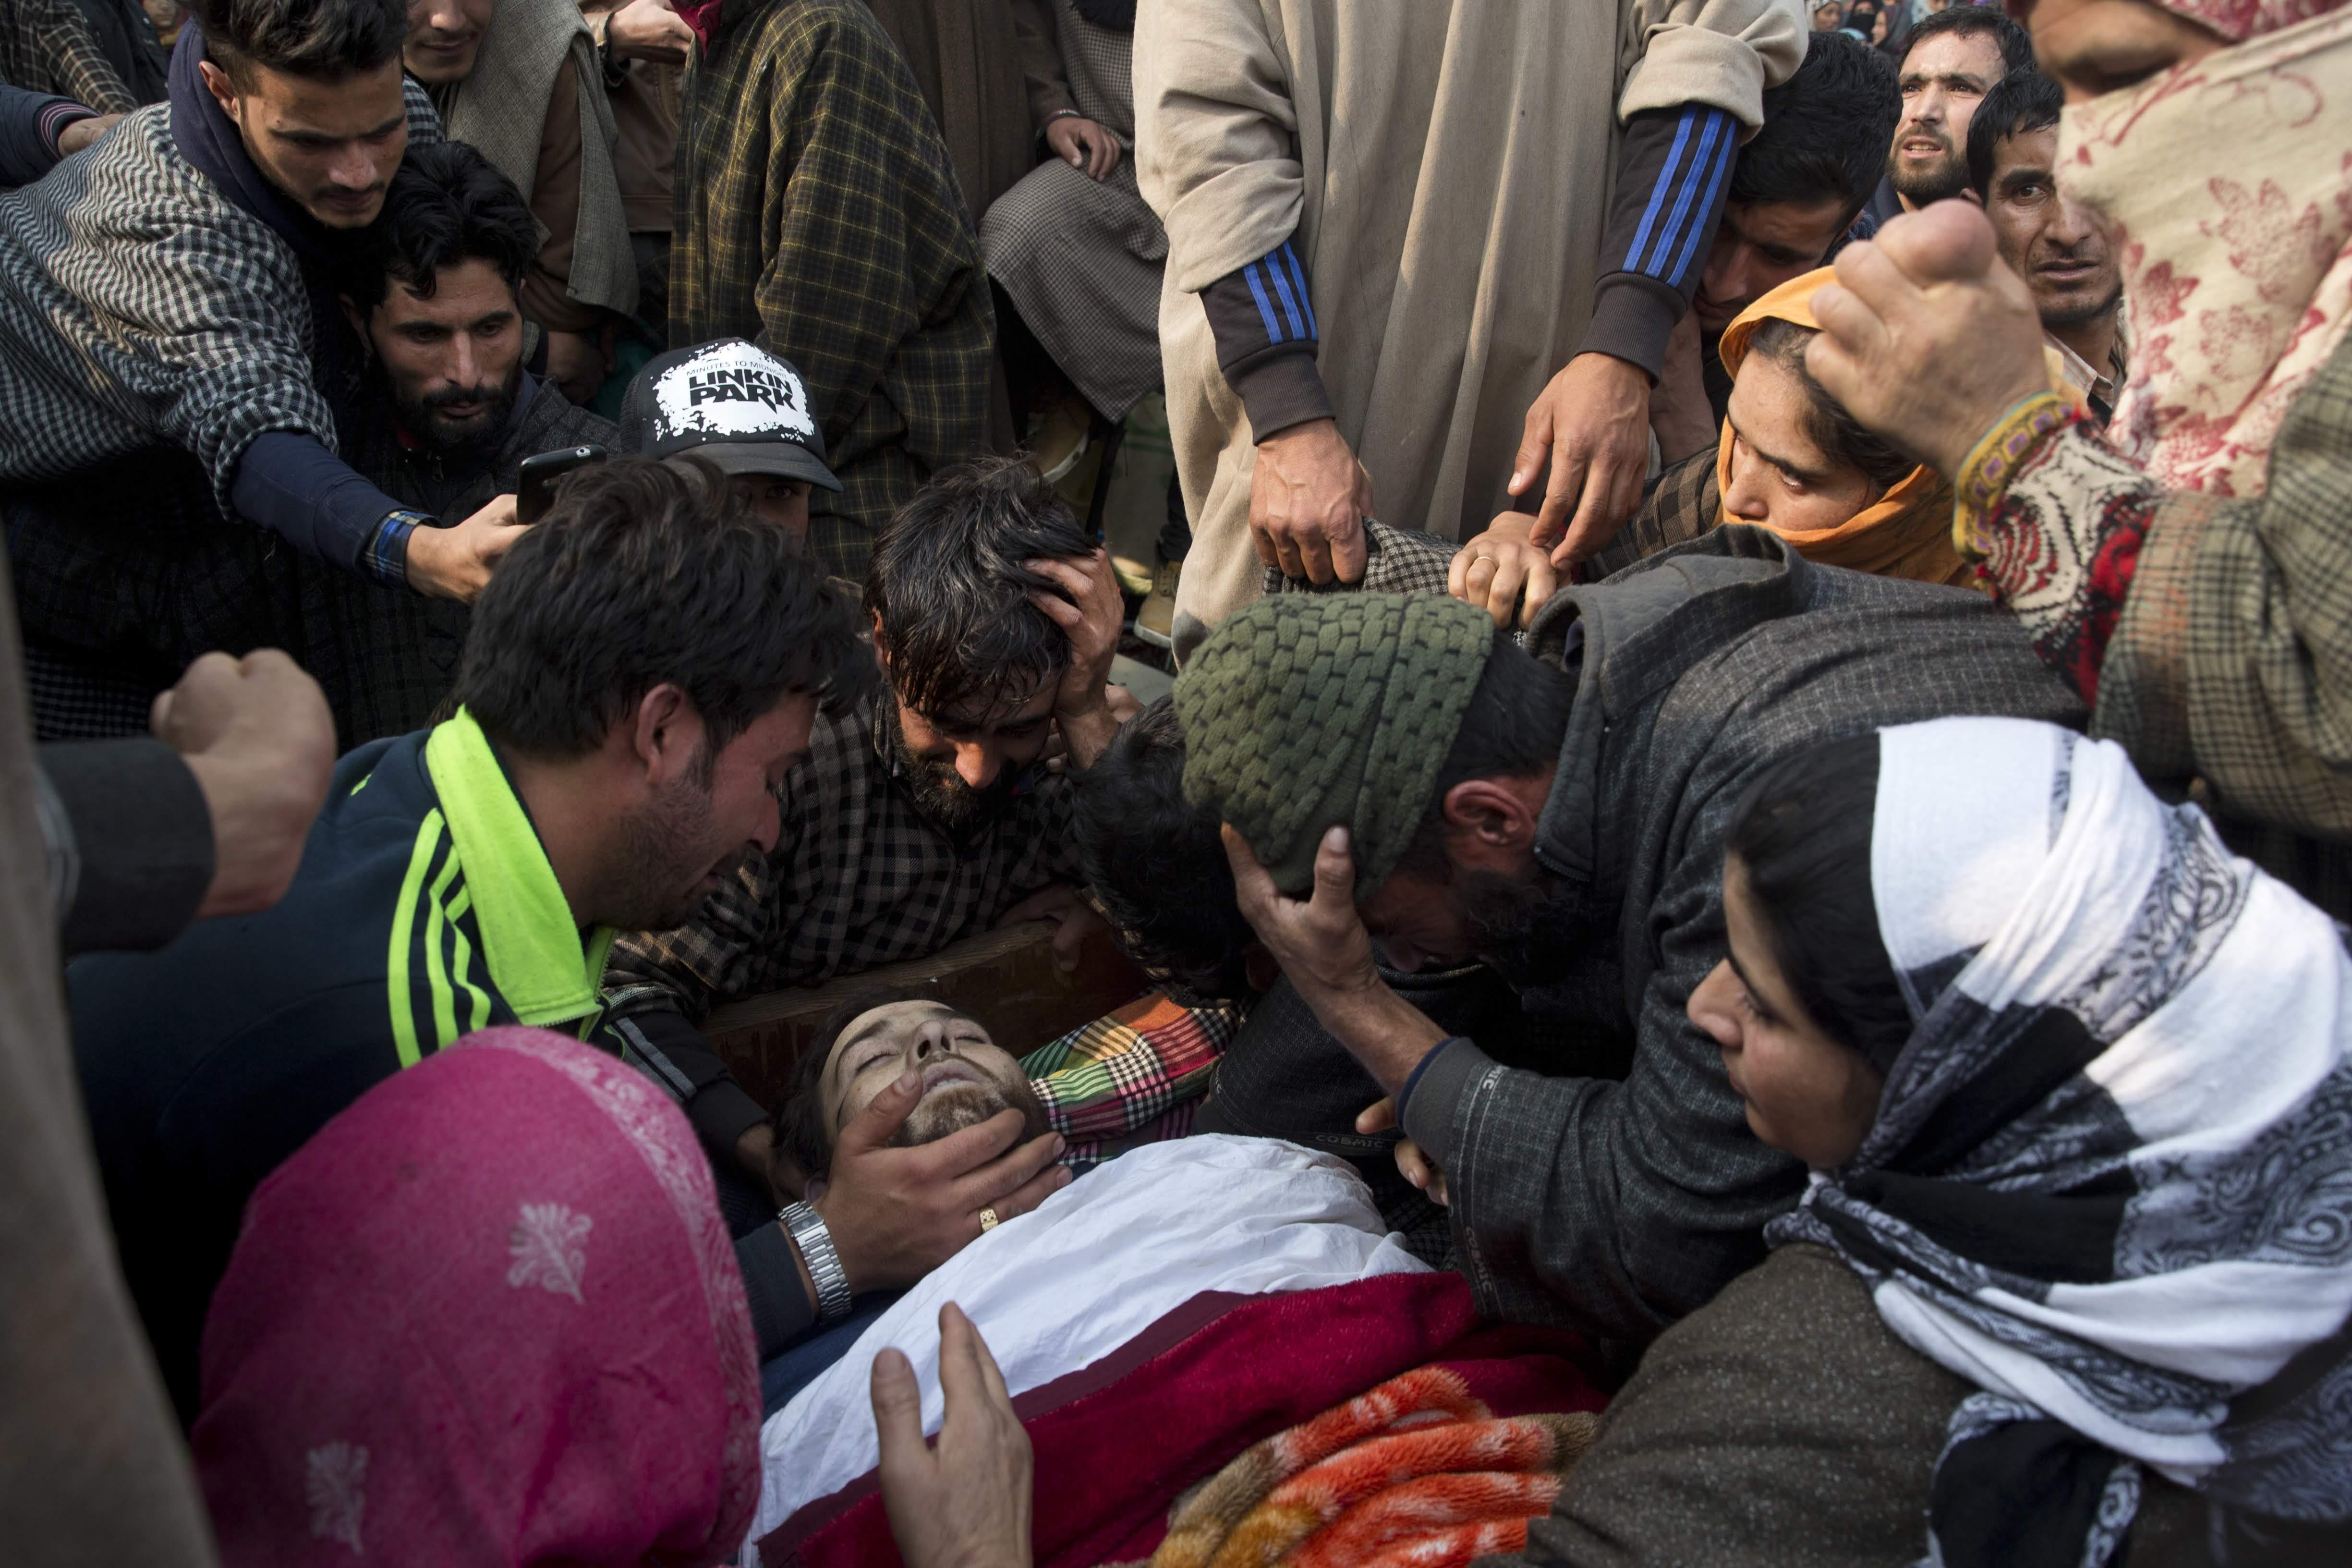 शुक्रवारी २३ नोव्हेंबरला शाहीदची अंत्ययात्रा काश्मीरमध्ये निघाली. त्यात हजारो काश्मिरी नागरिक सामील झाले होते.